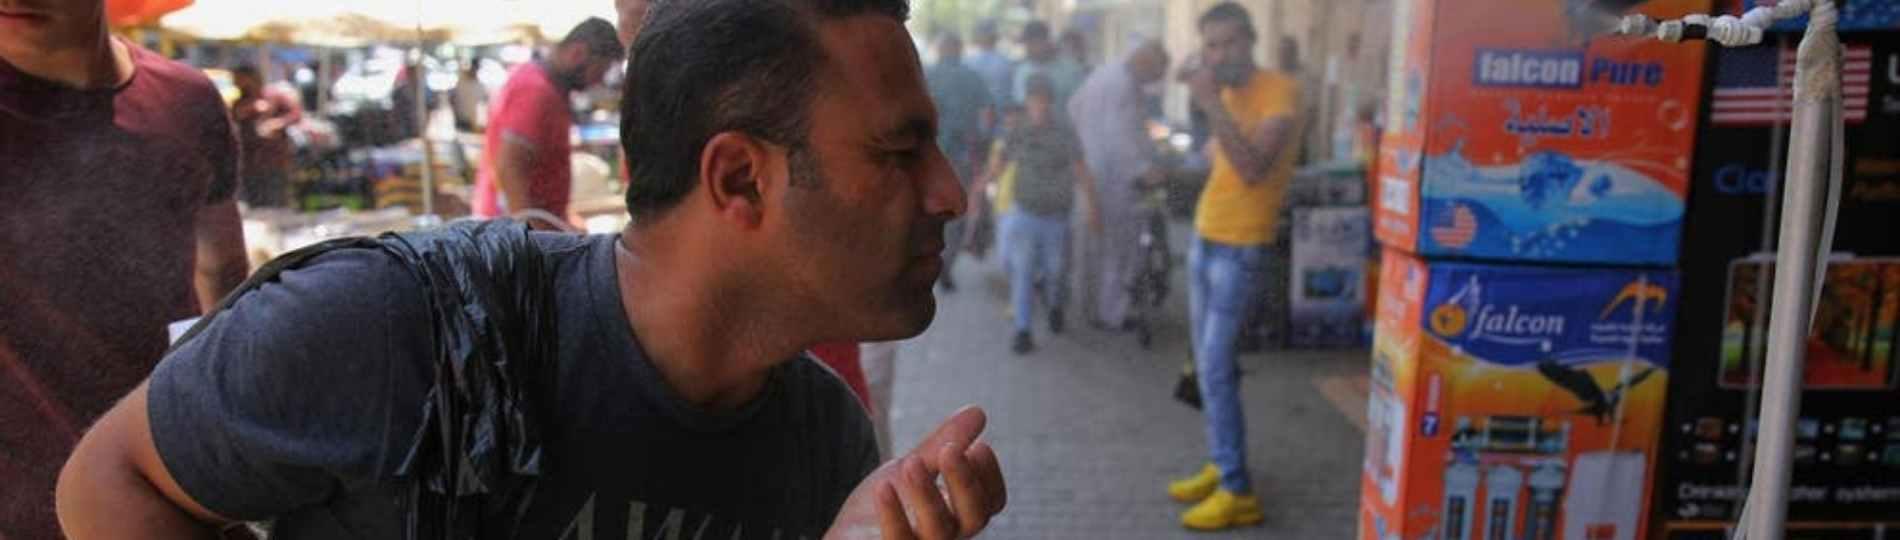 Iraq heat